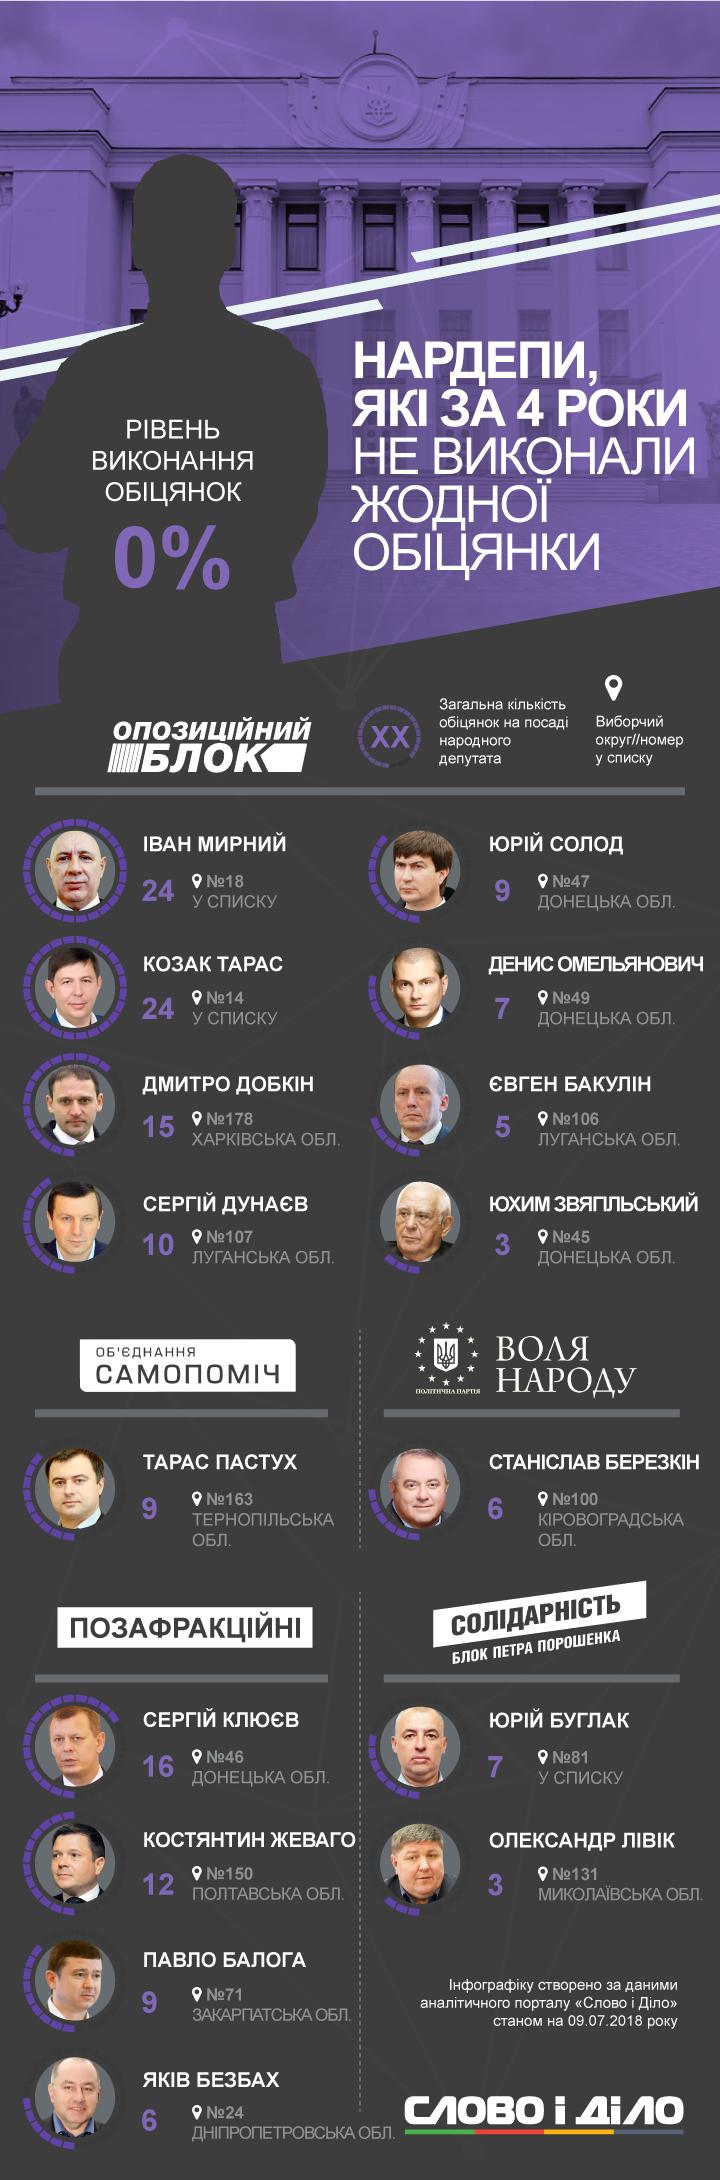 У Верховній Раді 16 народних депутатів із початку каденції не виконали жодної обіцянки. Половина з них входять до однієї фракції.